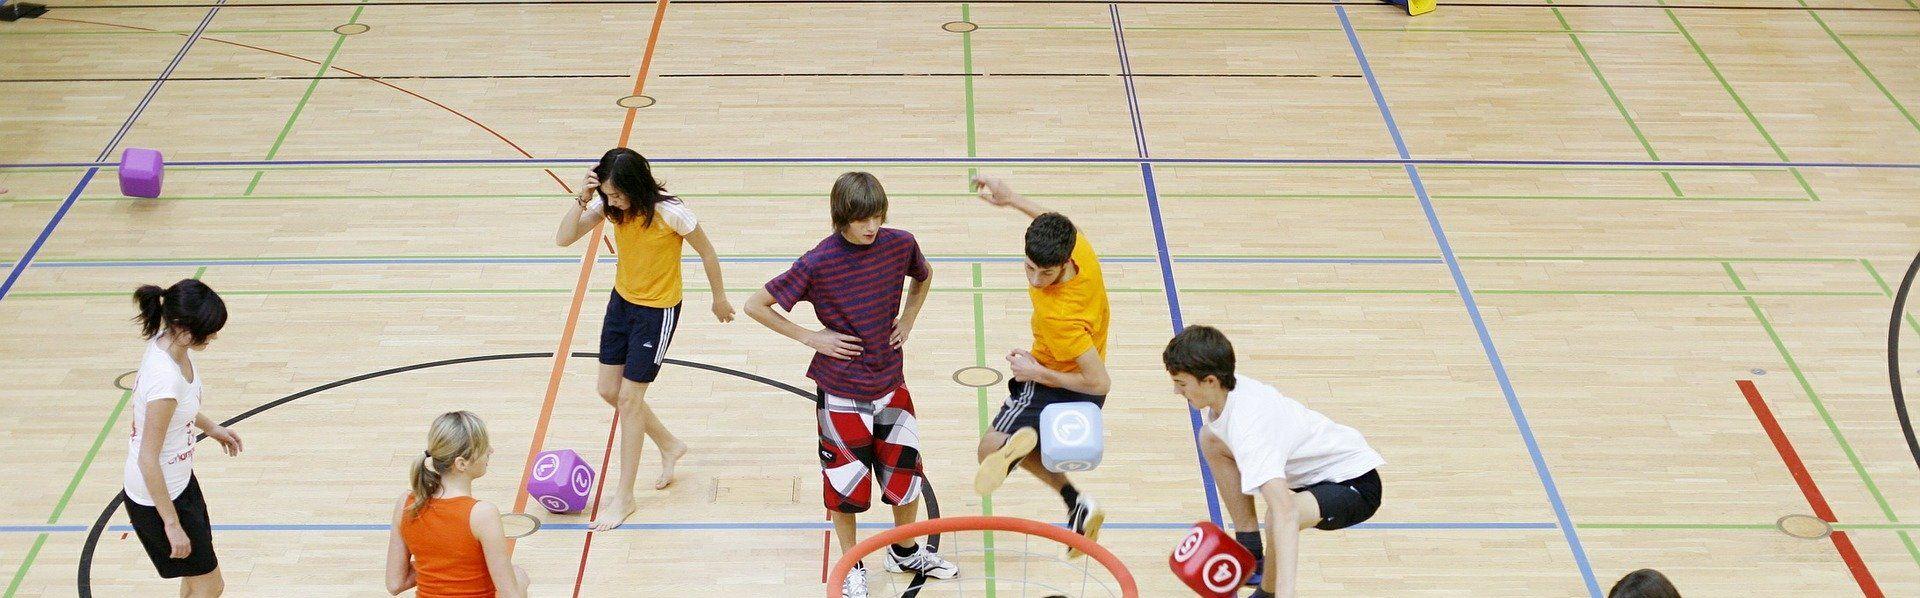 Turnen barfuß Fußgymnastik und